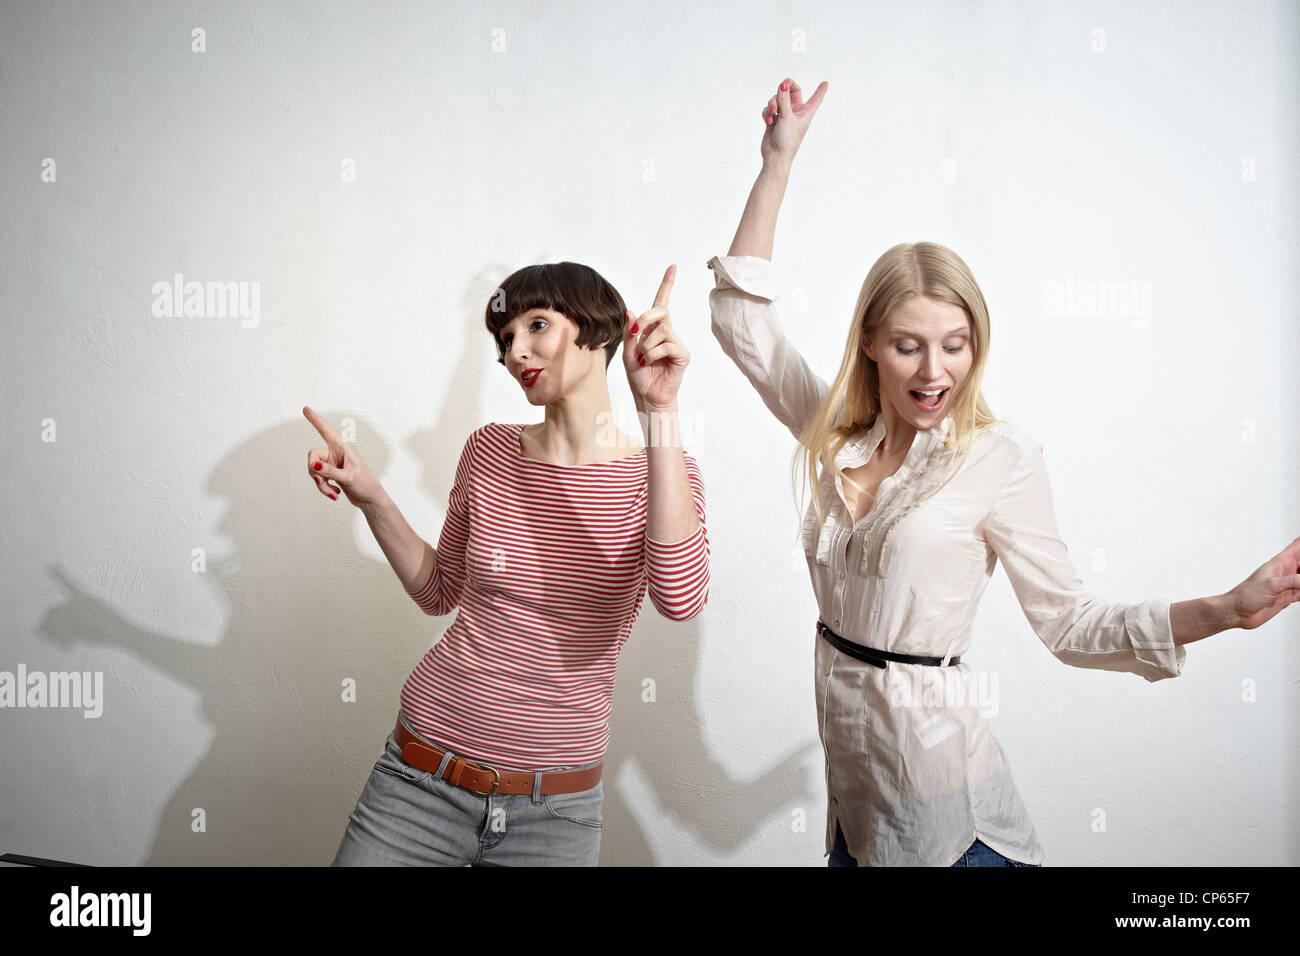 Alemania, Colonia, las mujeres jóvenes se divierten, sonriendo Imagen De Stock